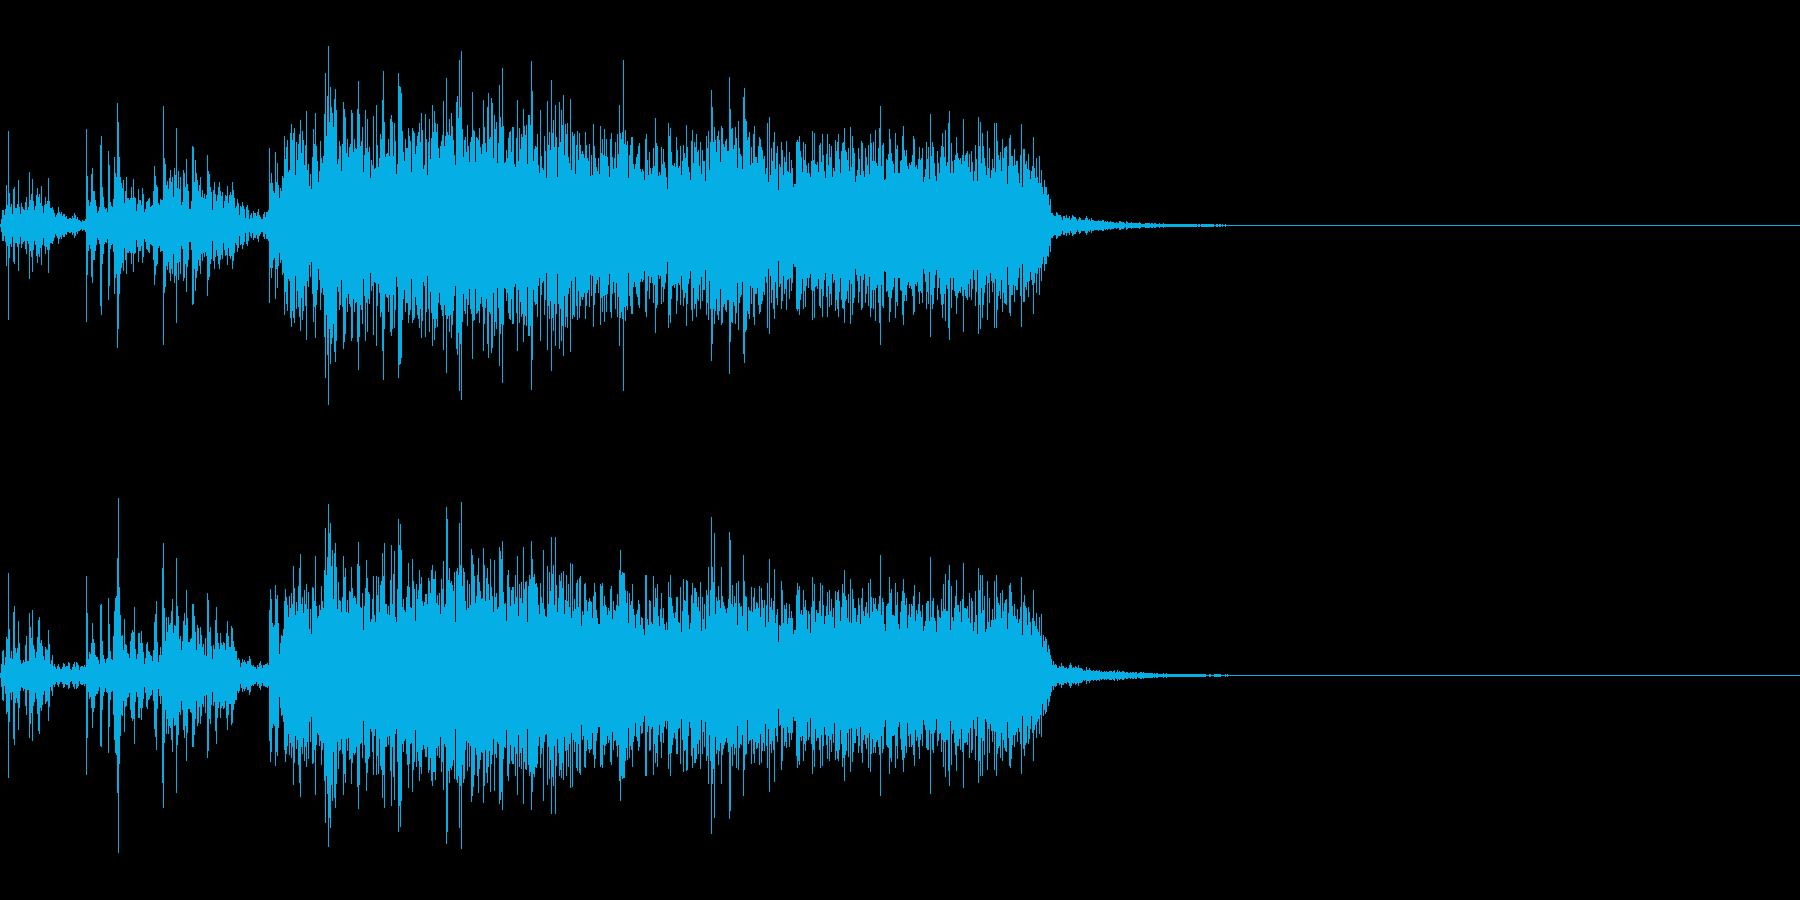 スパーク音-32の再生済みの波形